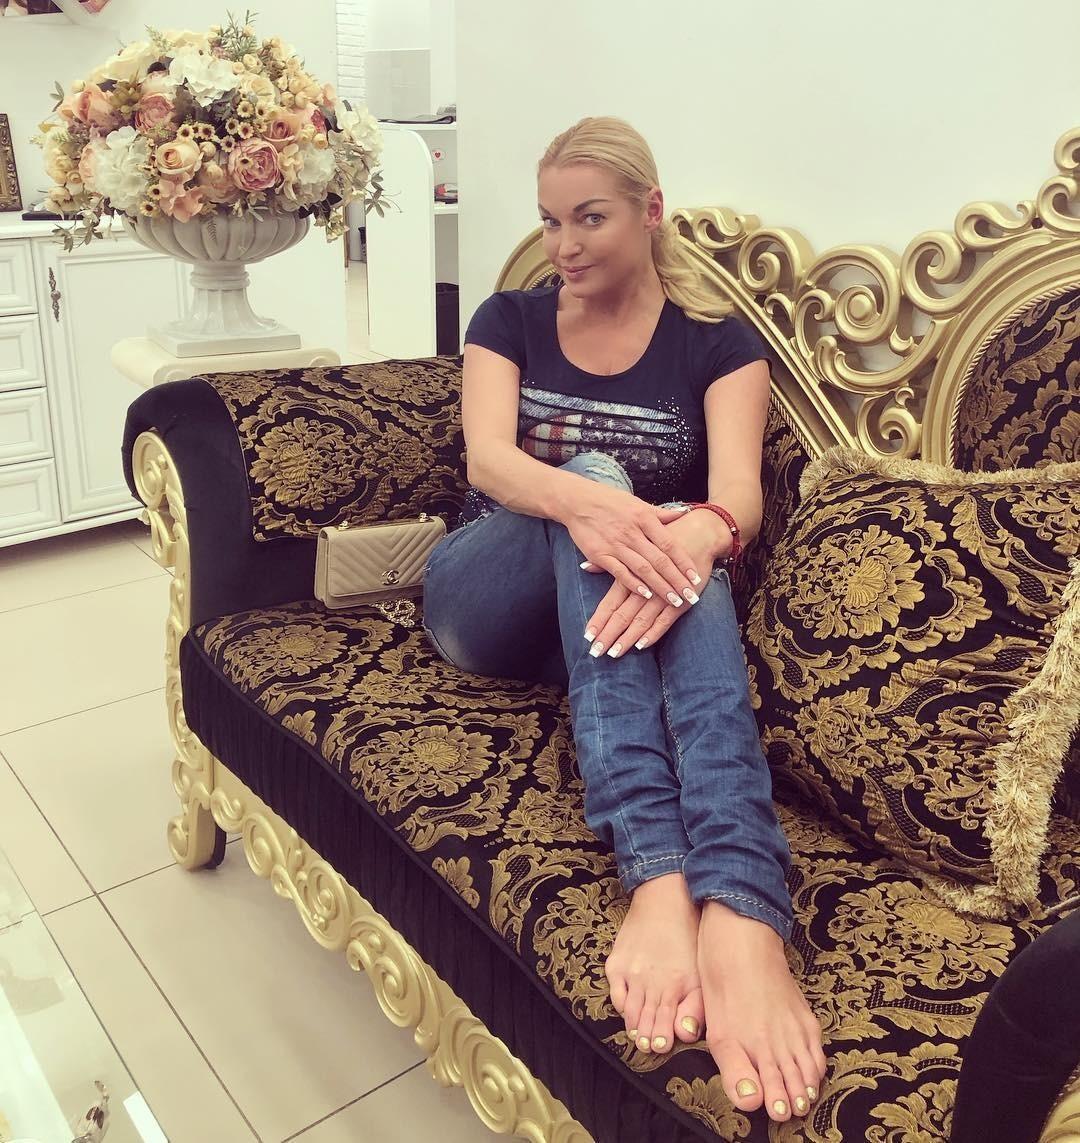 Анастасия Волочкова рассказала, что выбирает свадебное платье